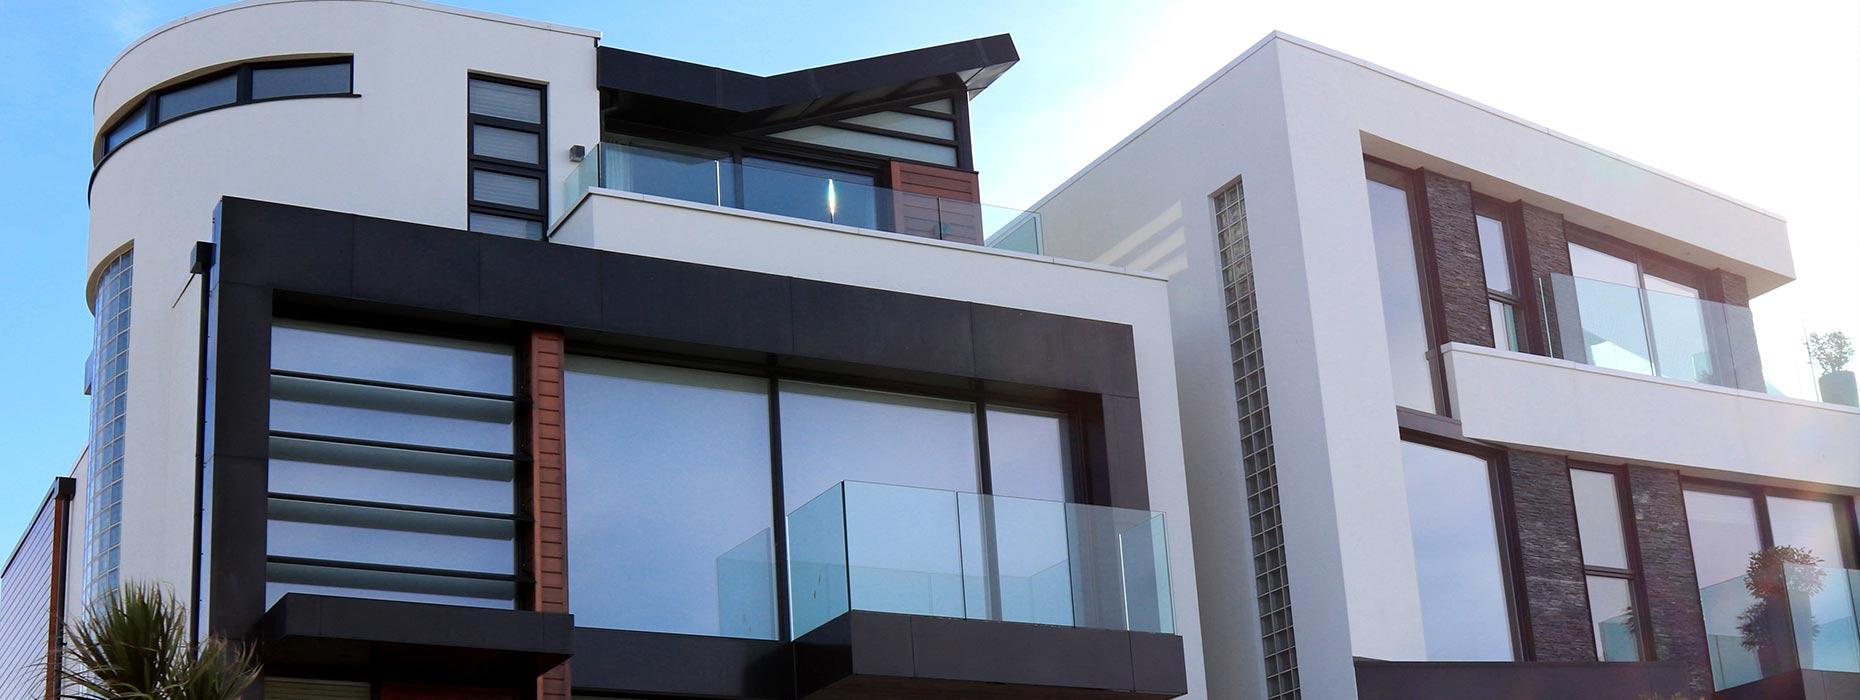 Divisorie in vetro per abitazioni